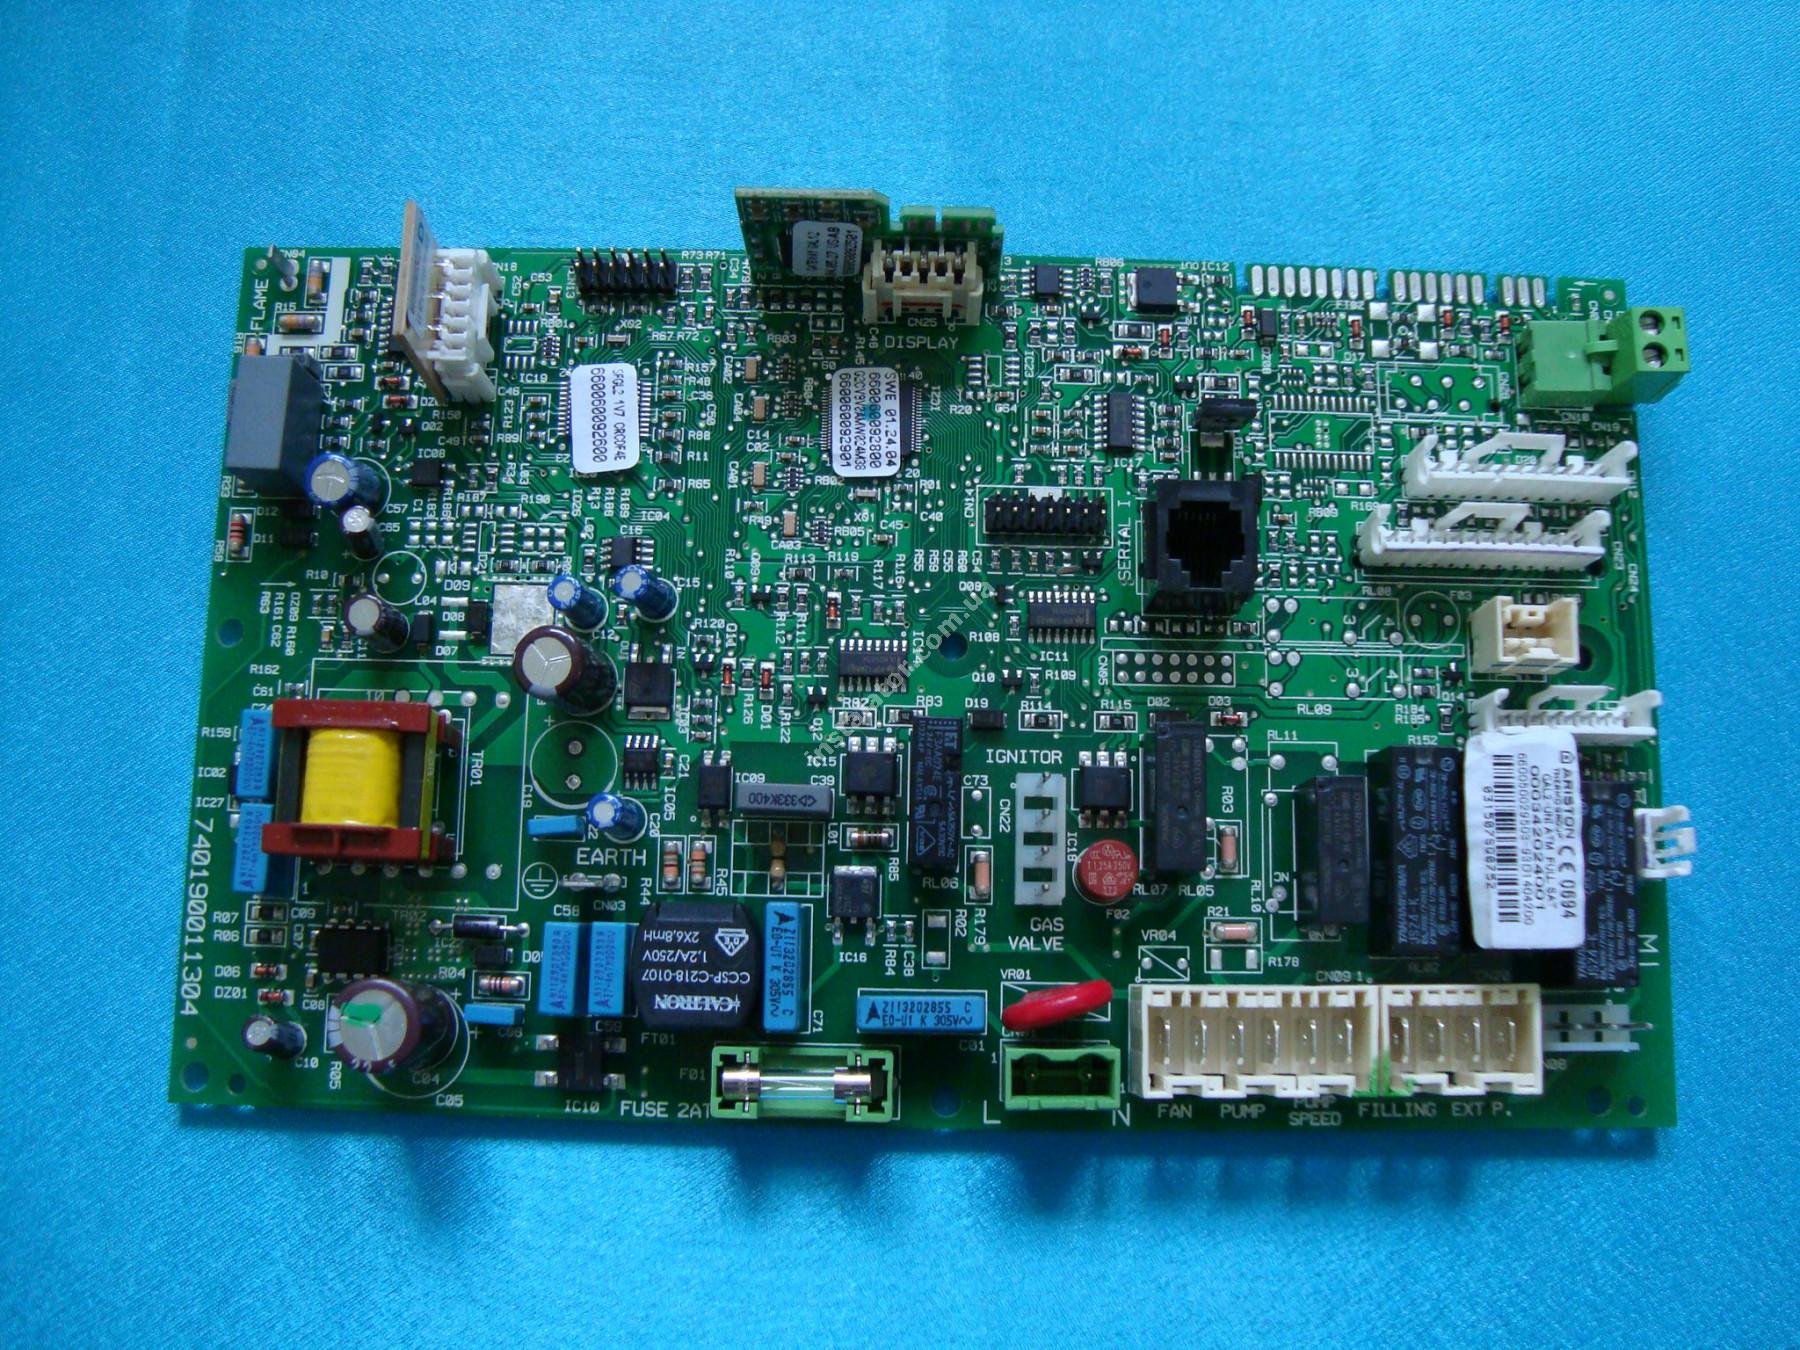 65109313-04 Плата керування універсальна ARISTON/CHAFFOTEAUX full-image-4